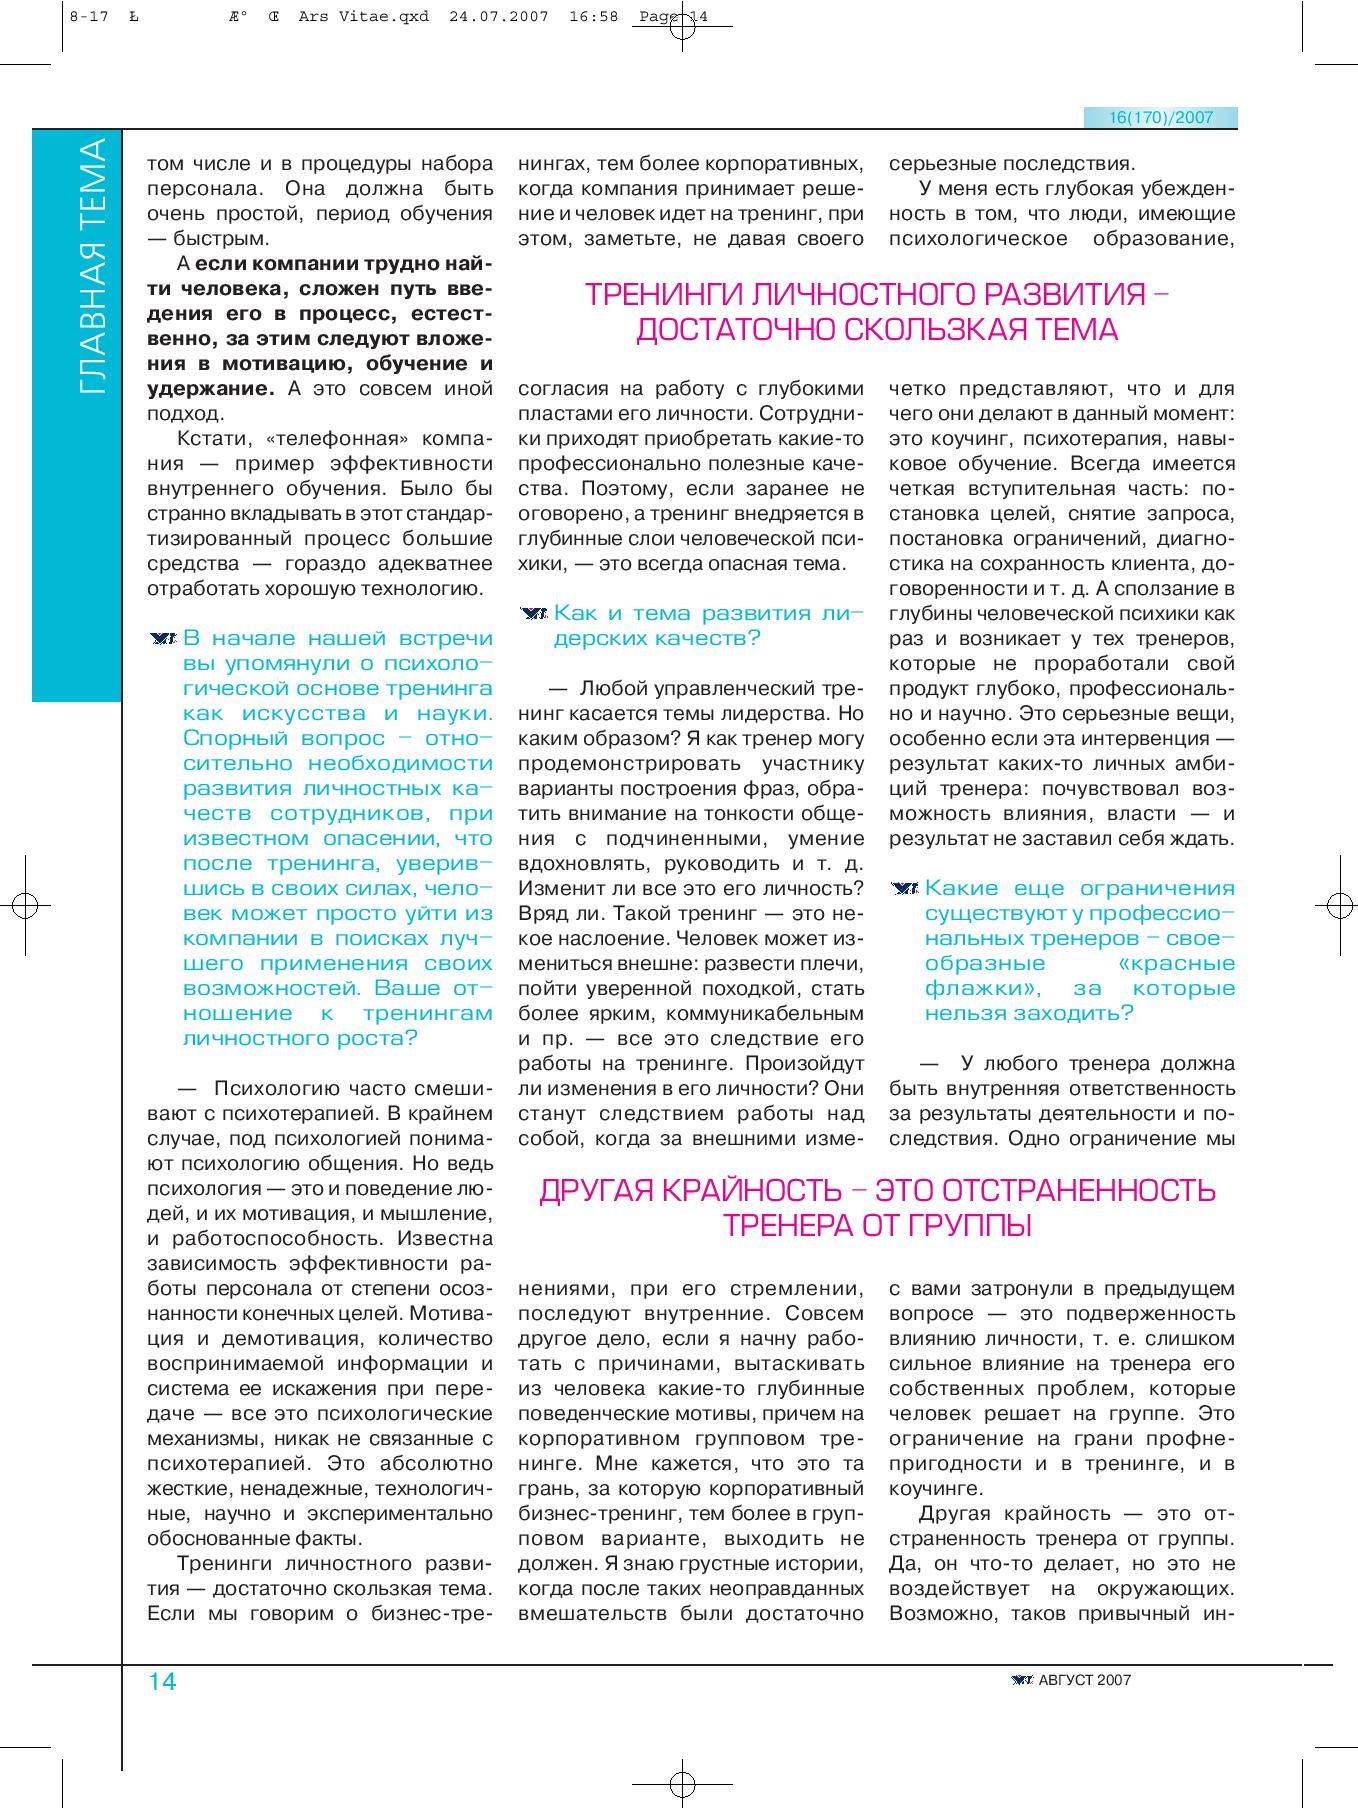 8-17__intervyu_oblozhka_Ars_Vitae-page-007.jpg